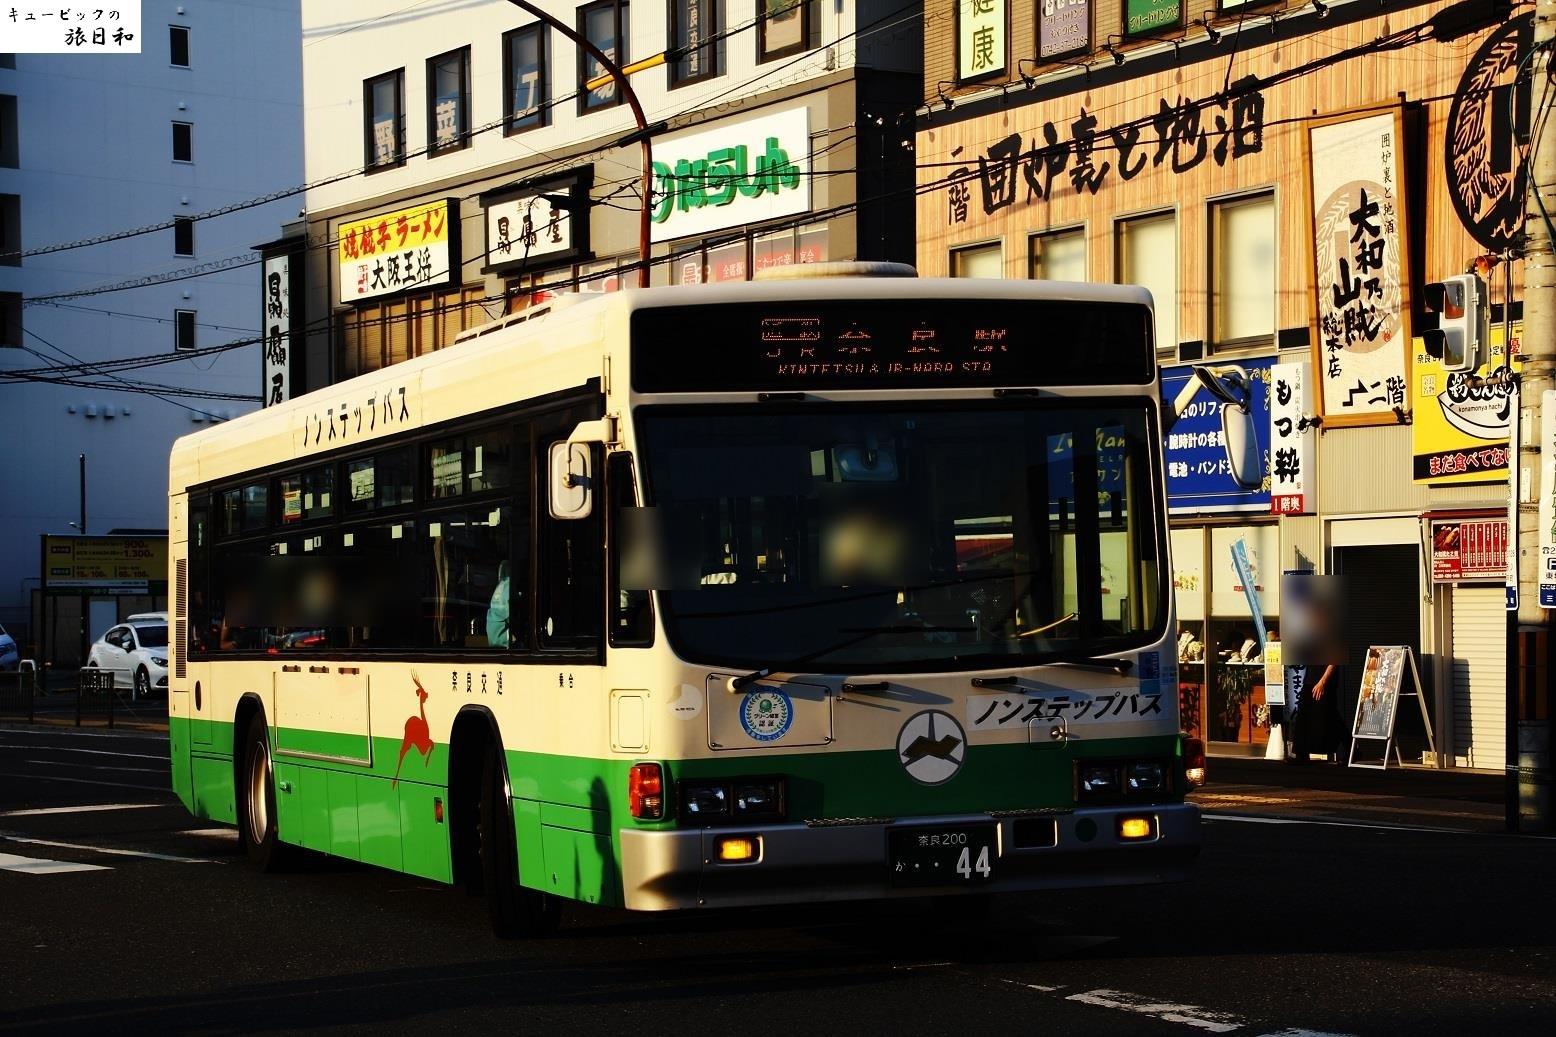 IMG_0529 - コピー